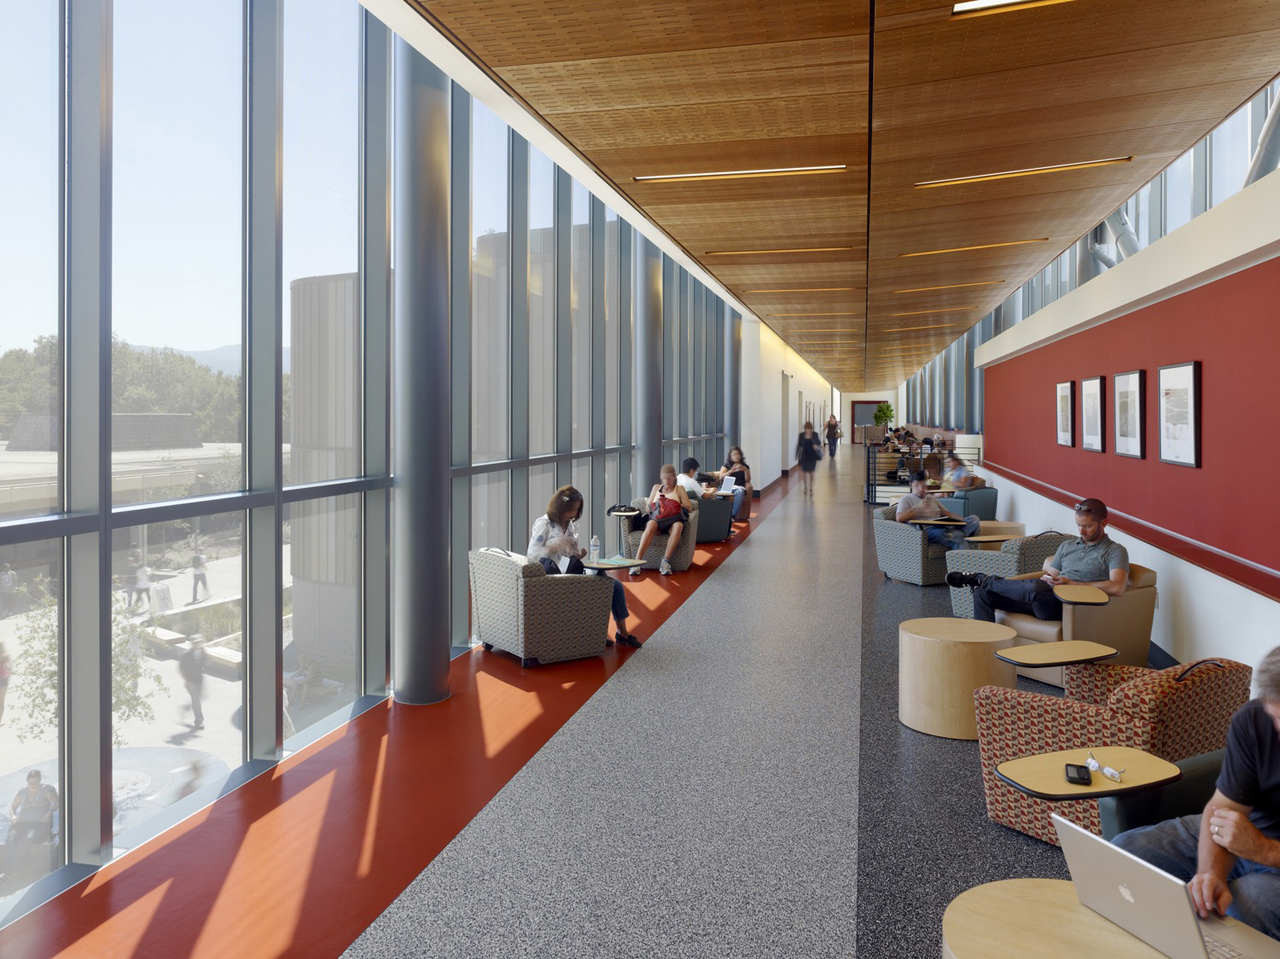 West Valley College Interior Design Gallery Of West Valley College  Steinberg Architects  15